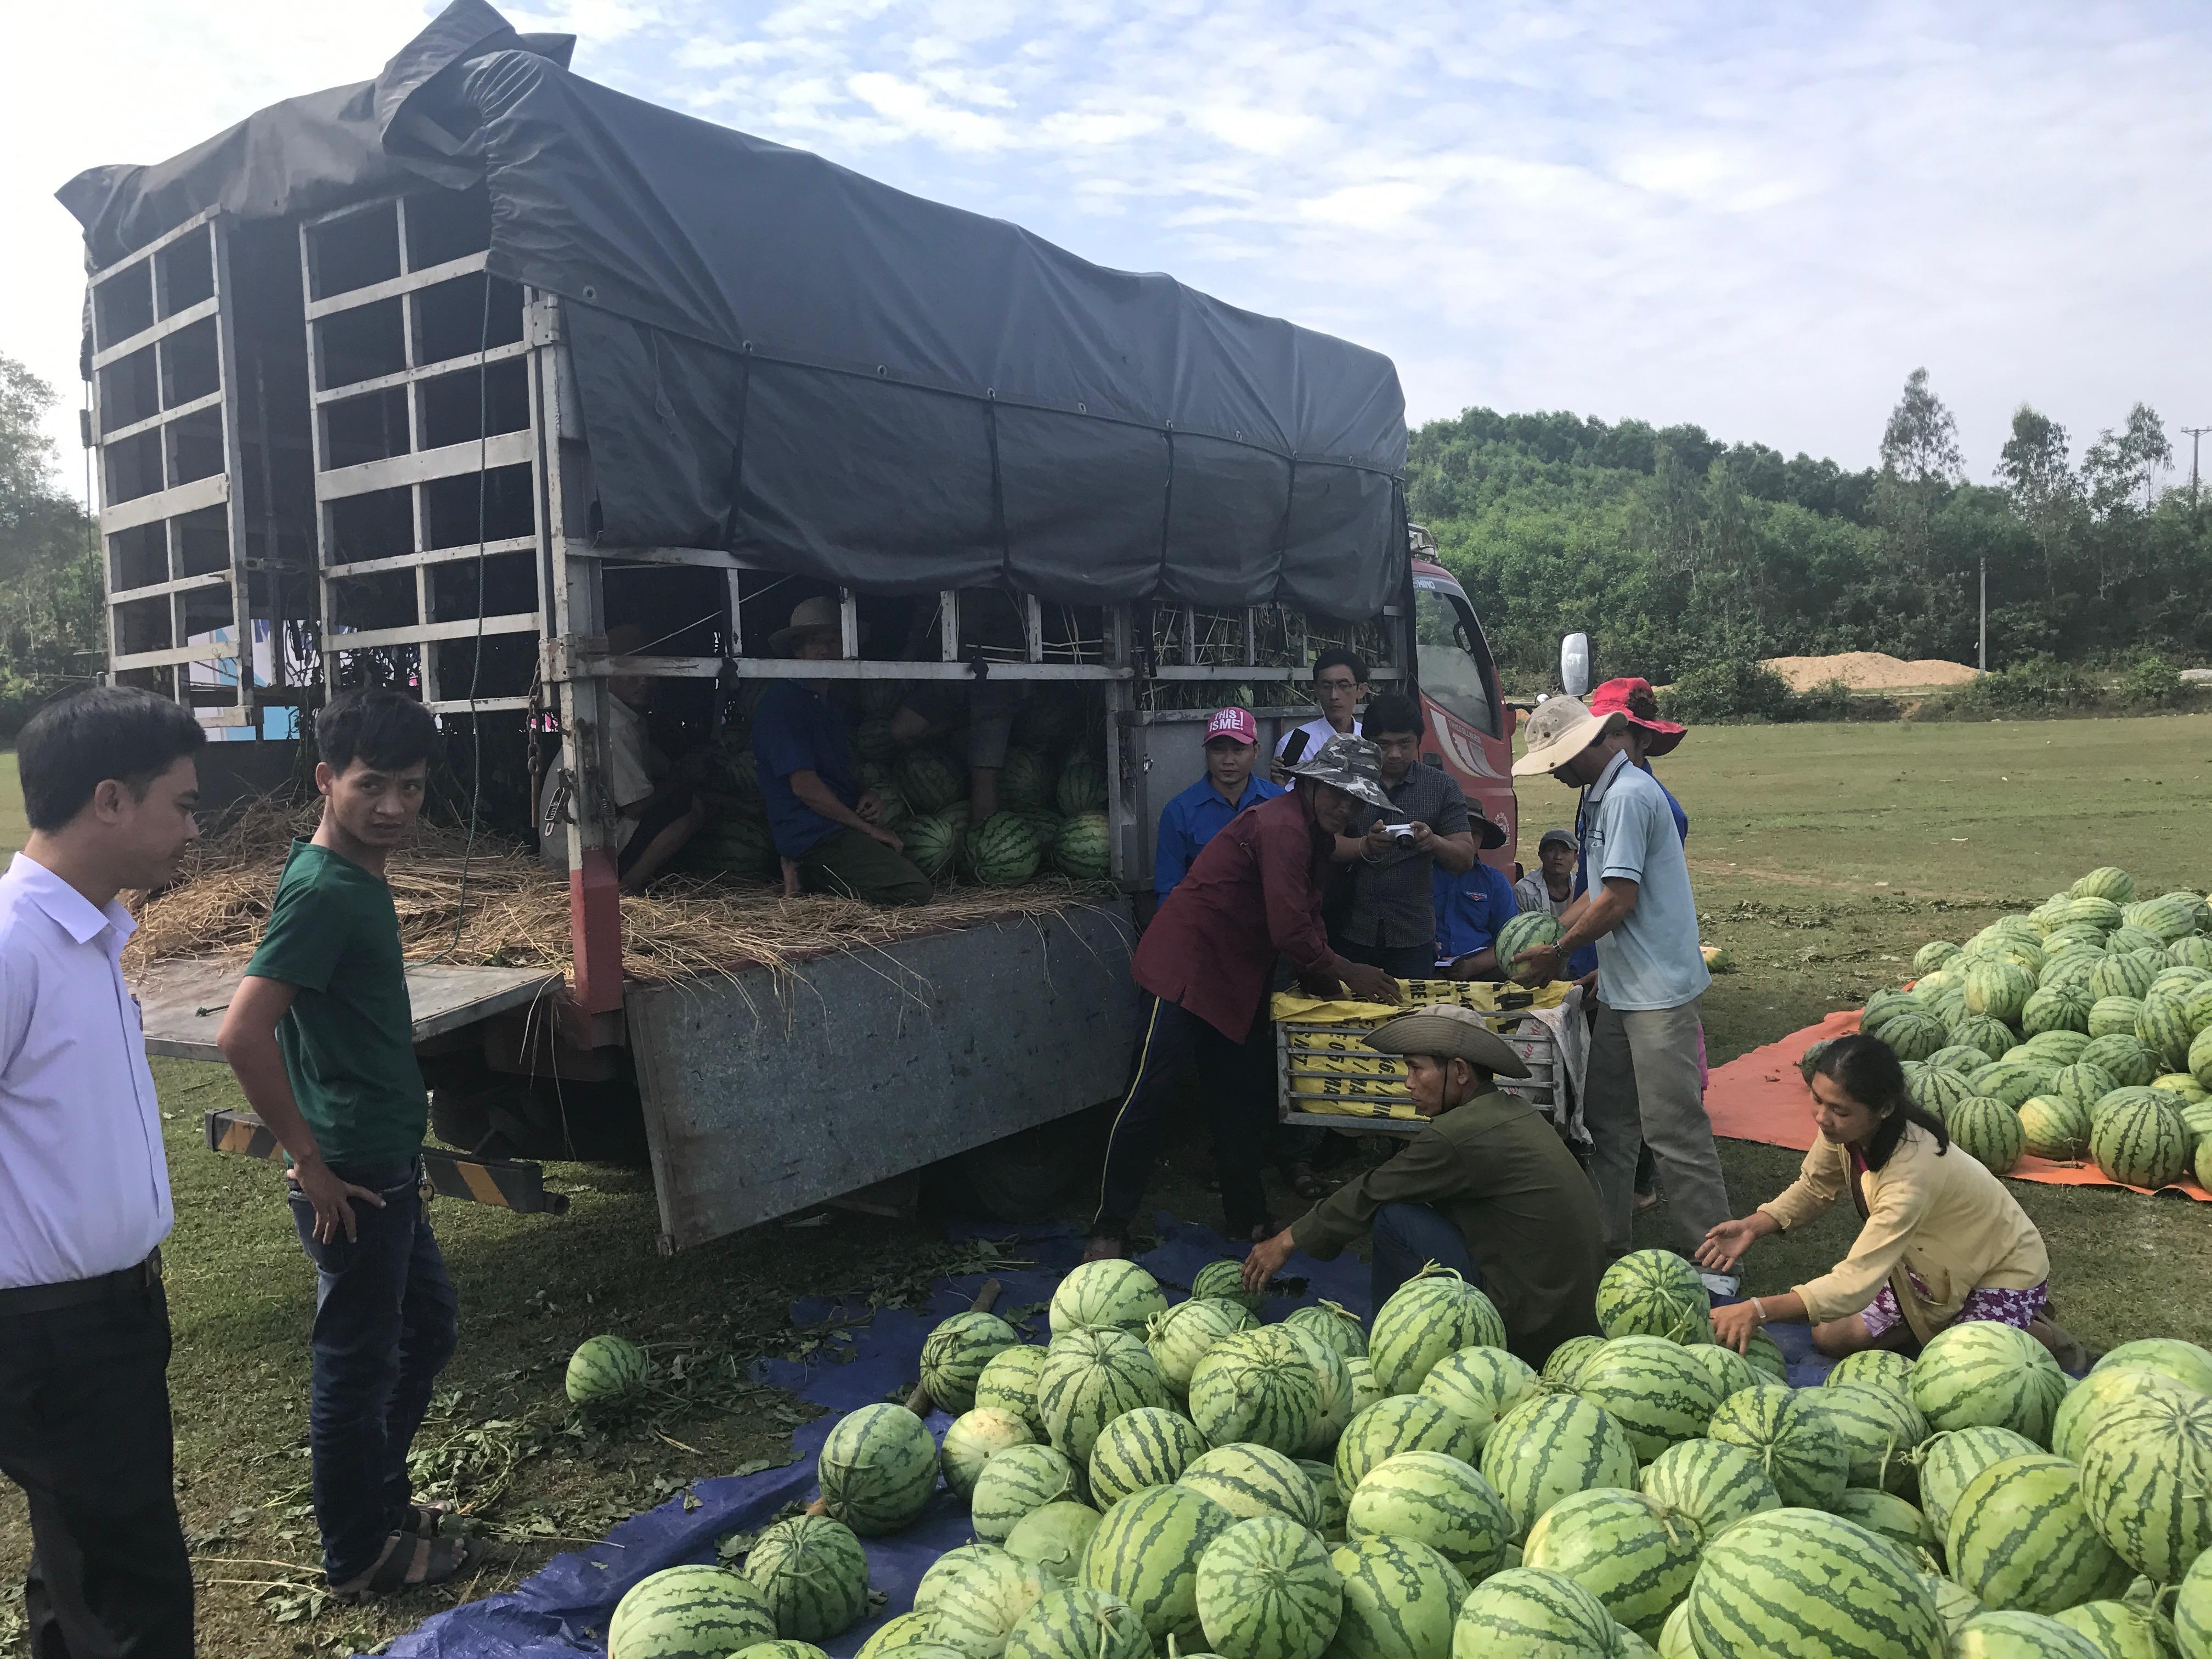 Nông dân Quảng Ngãi phải đem dưa hấu đổ cho bò ăn: Cần lắm sự